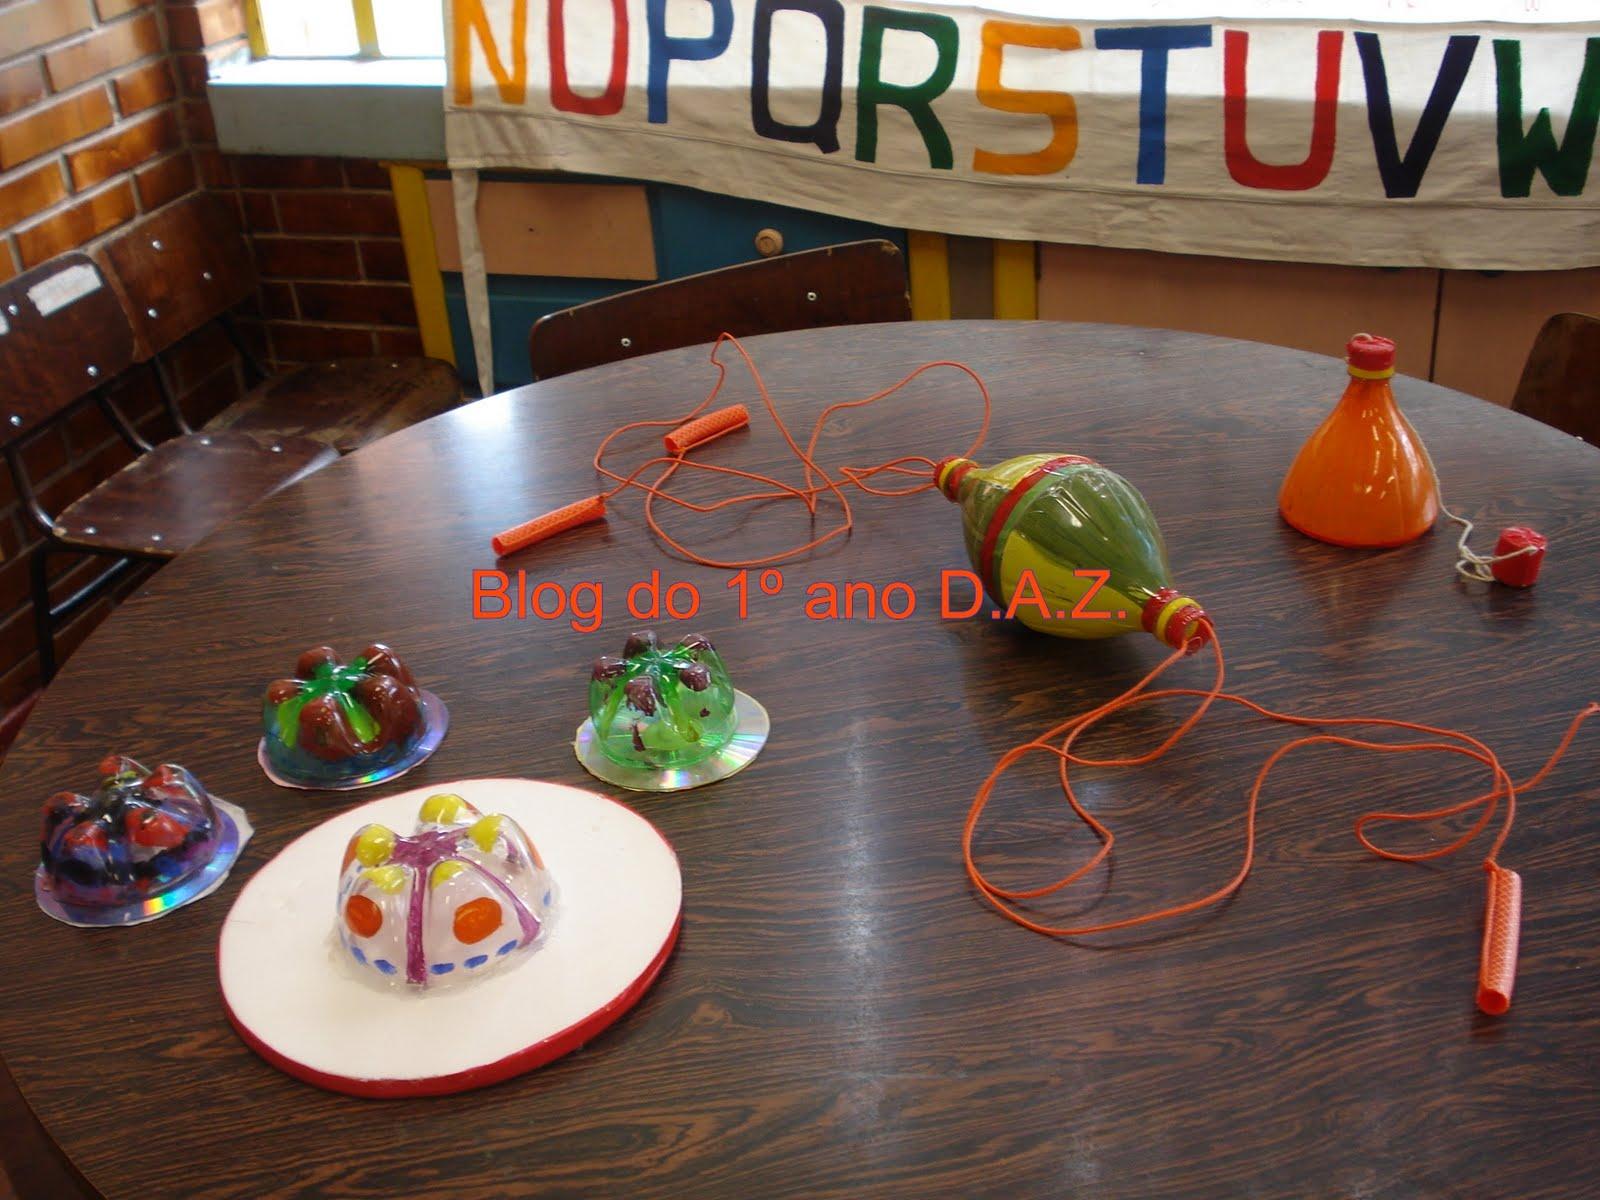 Estamos utilizando materiais reciclados para fazer brinquedos bem